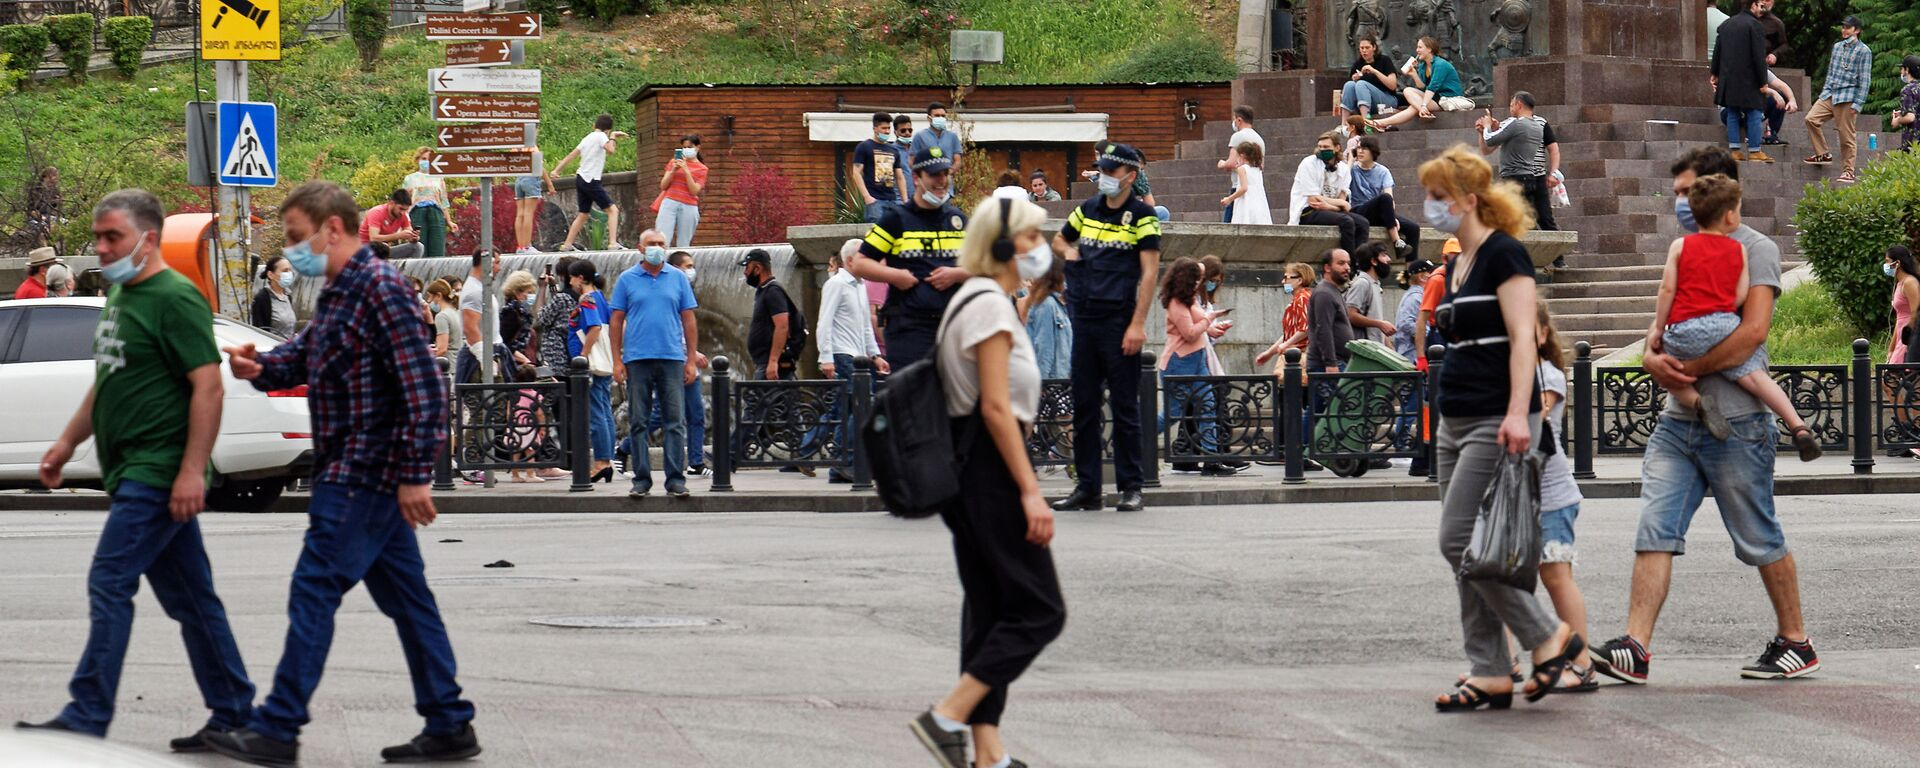 Эпидемия коронавируса - полиция и прохожие на улице в масках и штрафы за нарушения - Sputnik Грузия, 1920, 06.07.2021